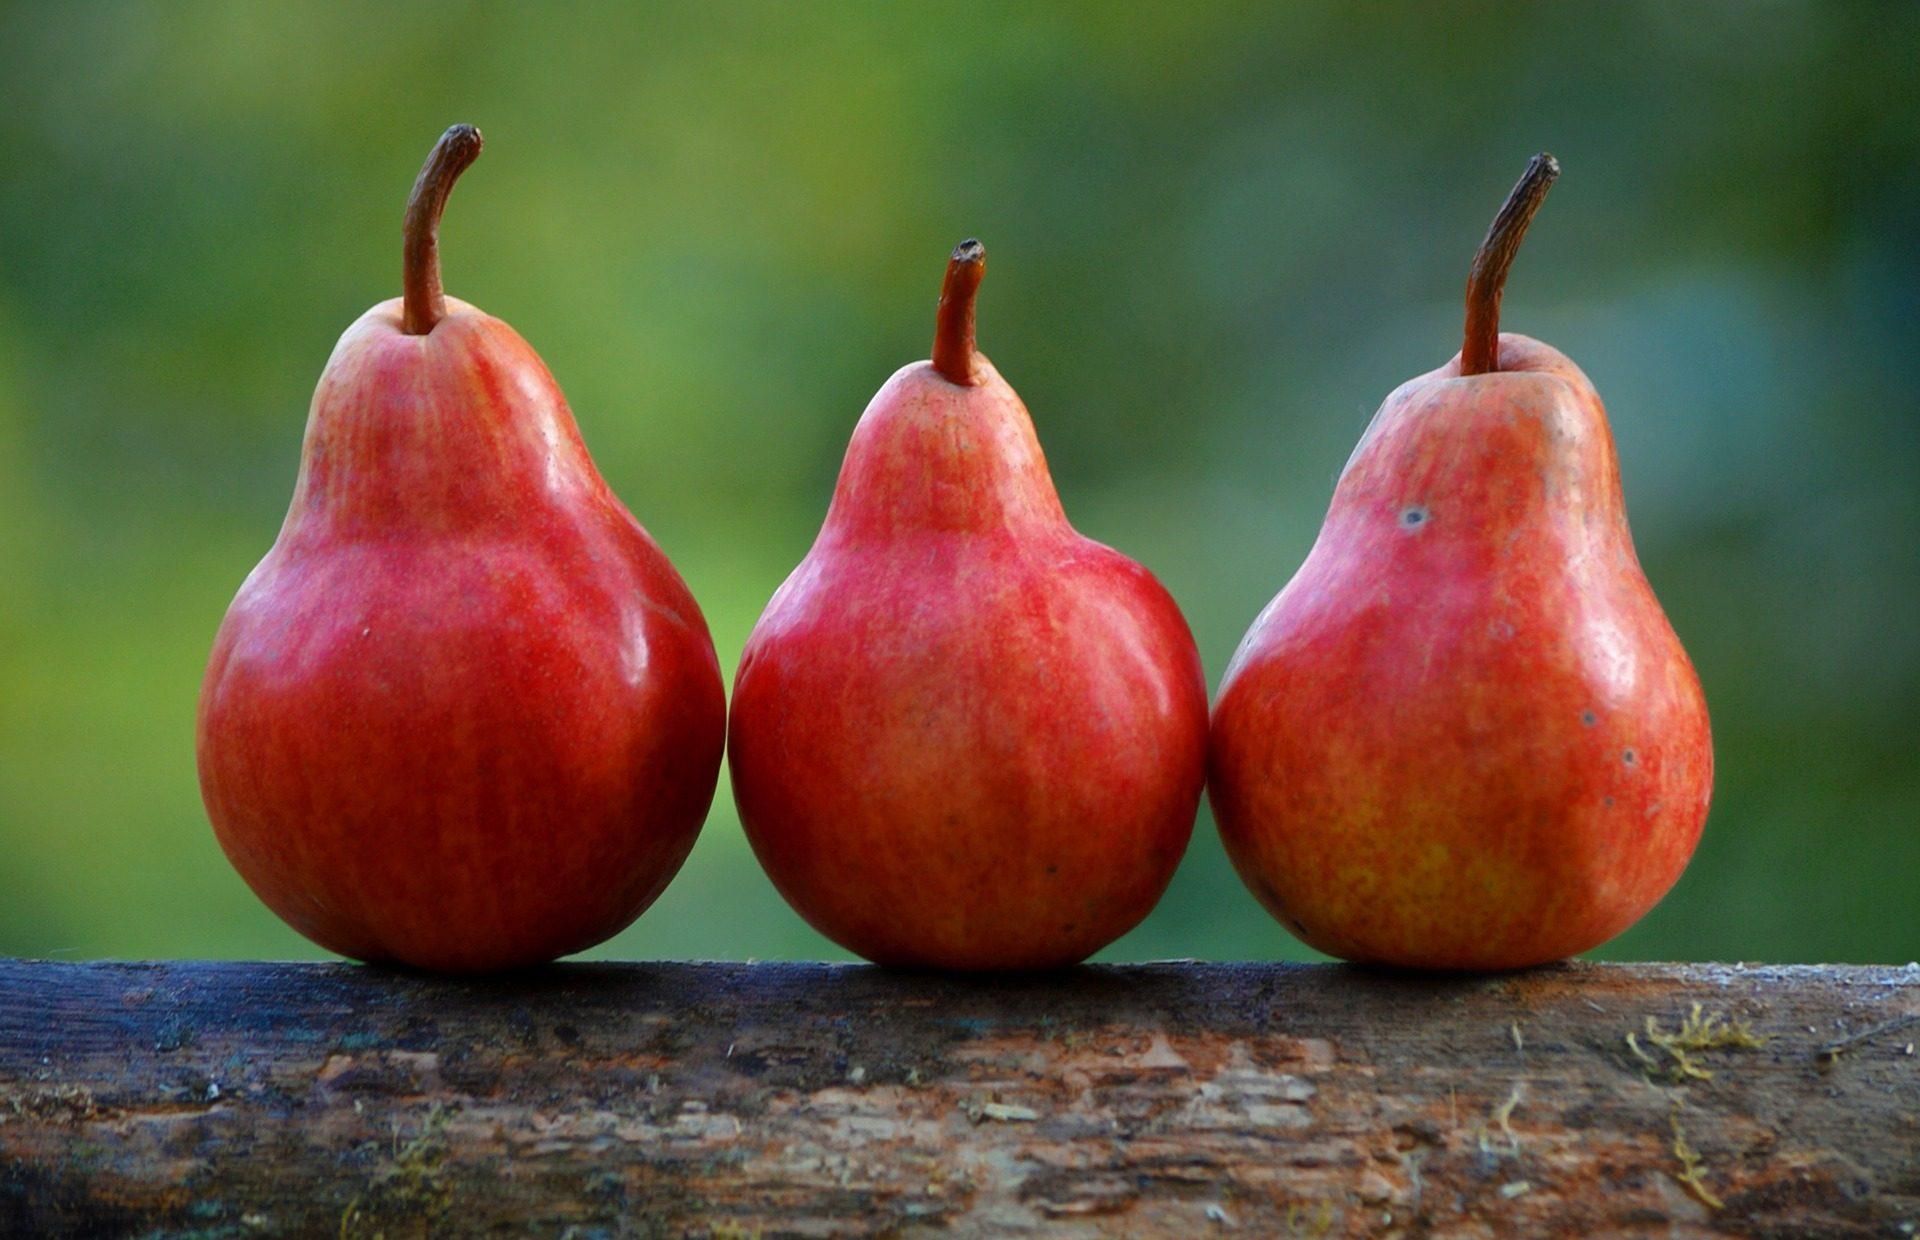 Груши, Красный, фрукты, здоровые, диета - Обои HD - Профессор falken.com